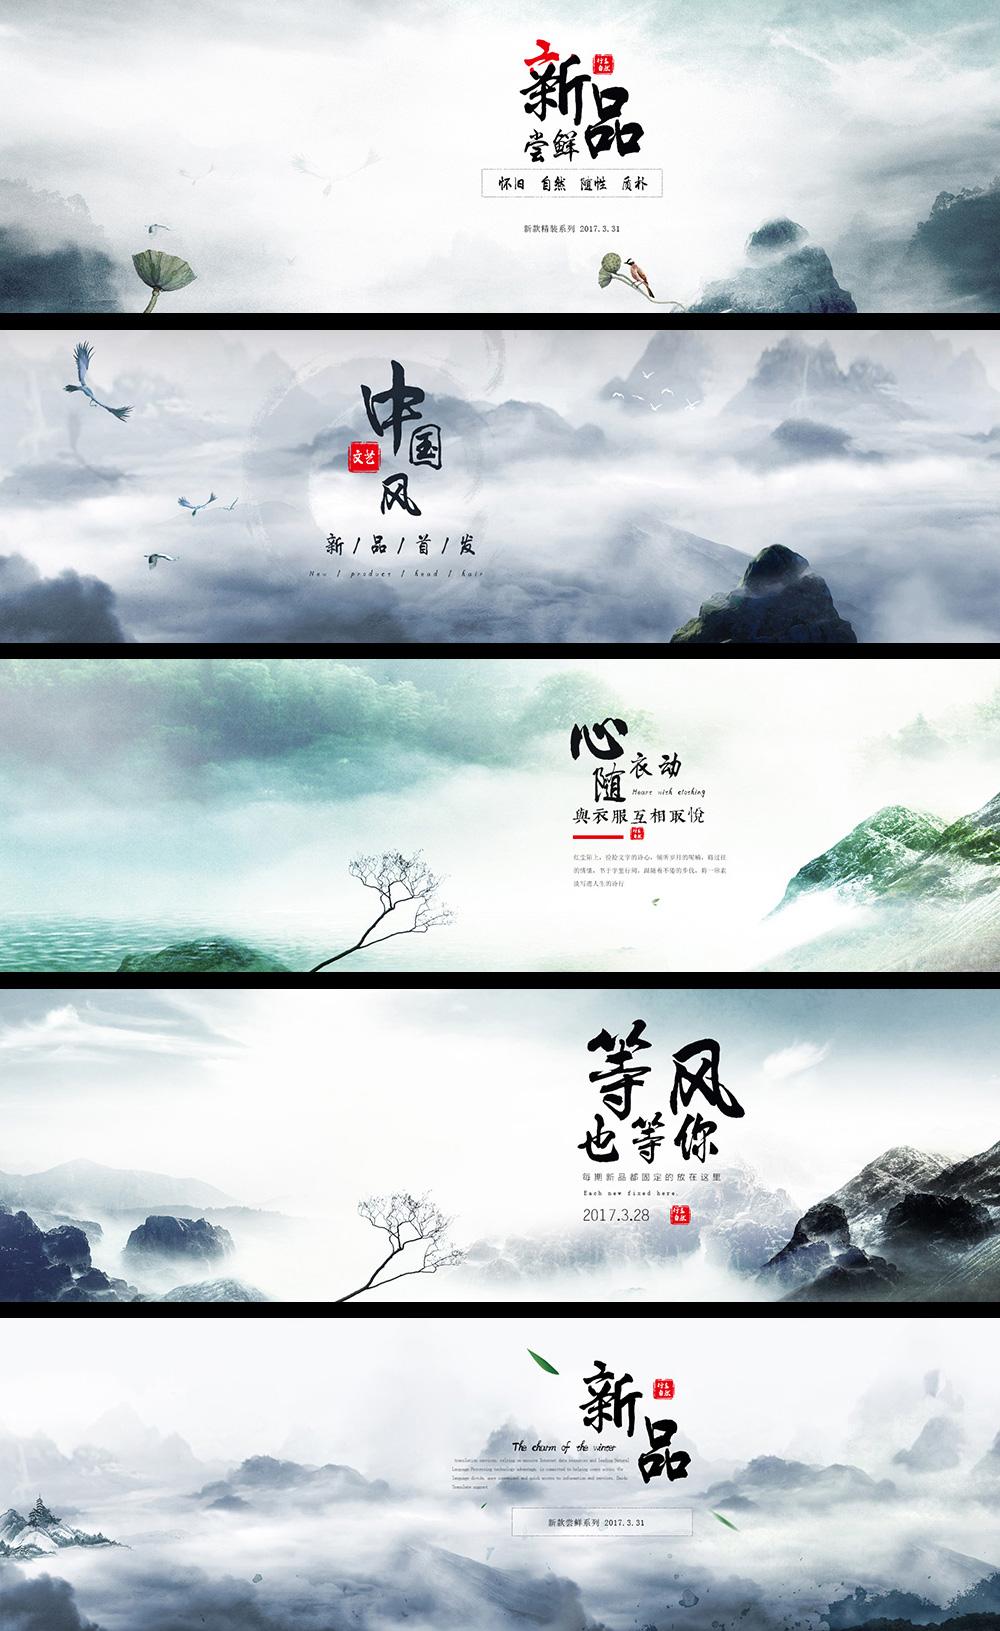 中国风手绘海报素材 中国风复古海报    (复制以上文字粘贴百度搜索